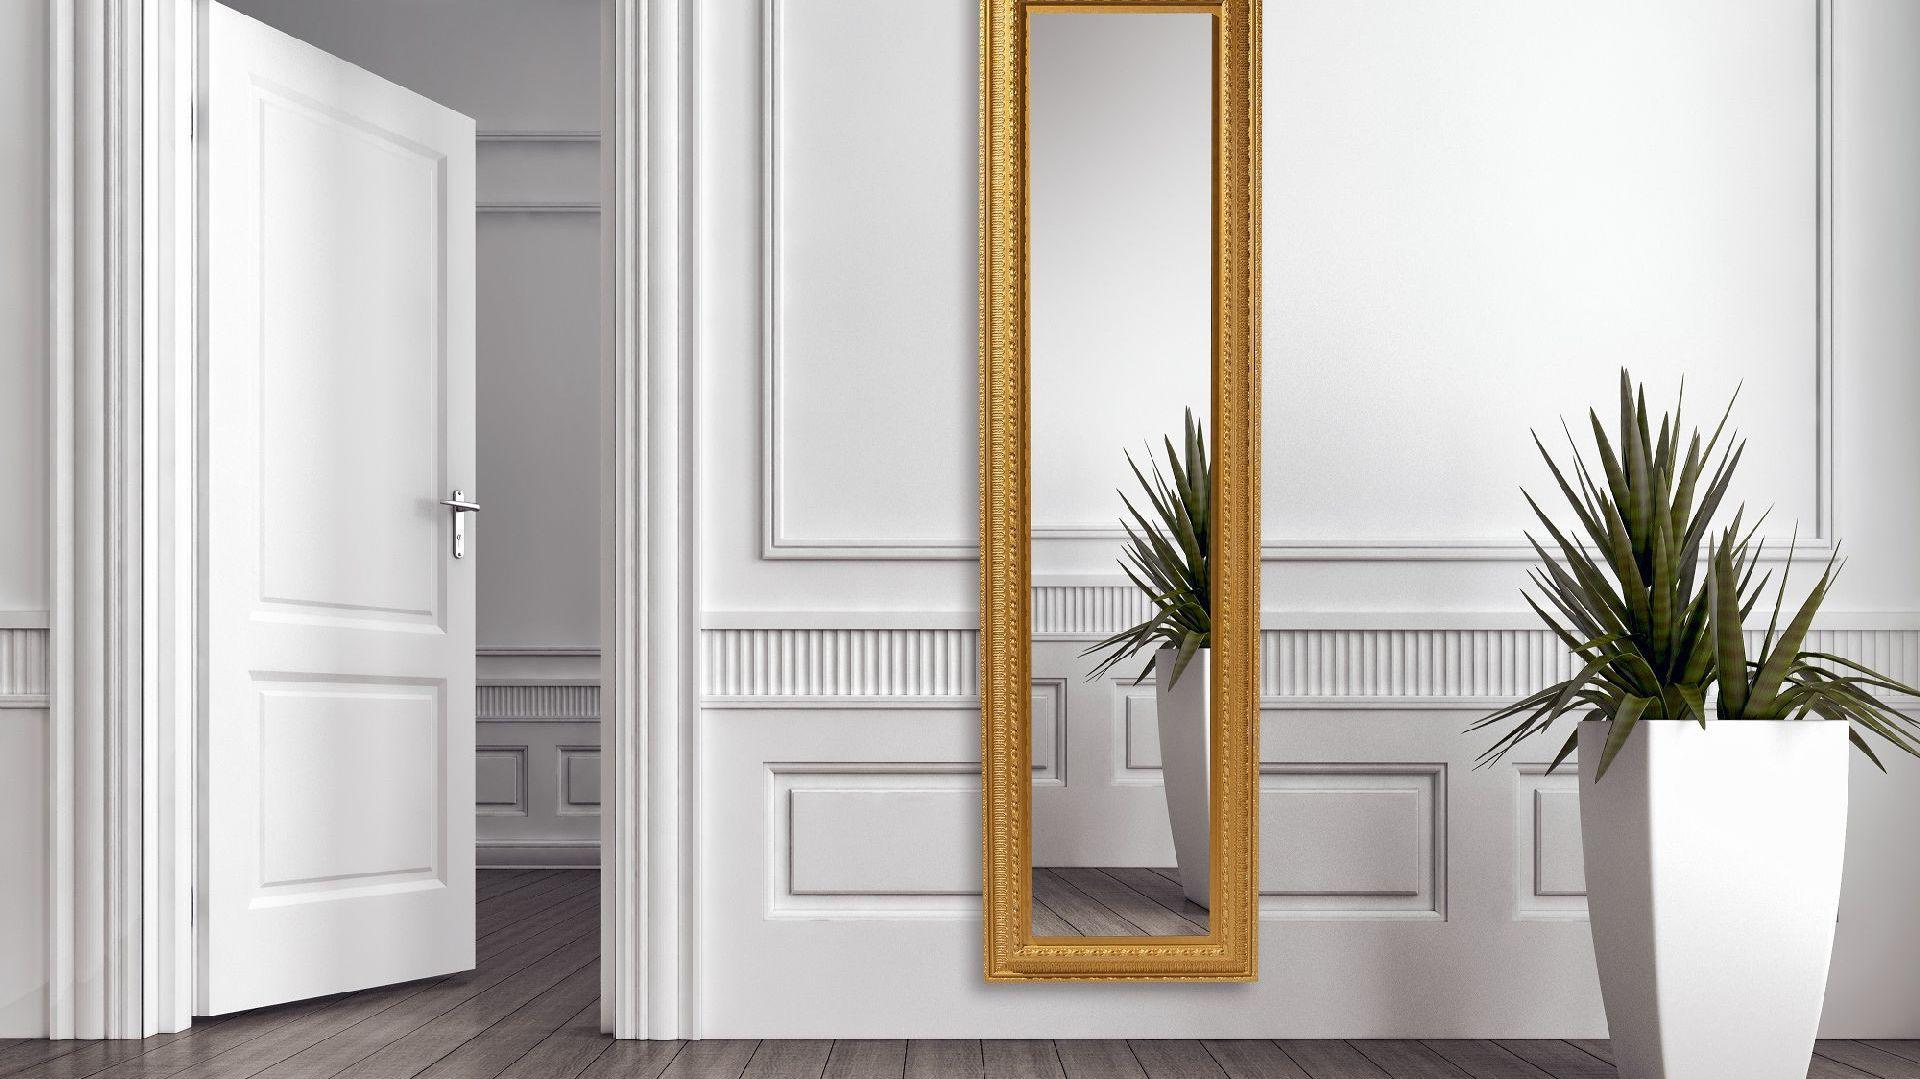 Grzejnik Royal OR z lustrem. Wykonany z naturalnego kamienia Olykale, ręcznie rzeźbiony i malowany, patynowany przez artystów na południu Francji. Fot. Cinier.